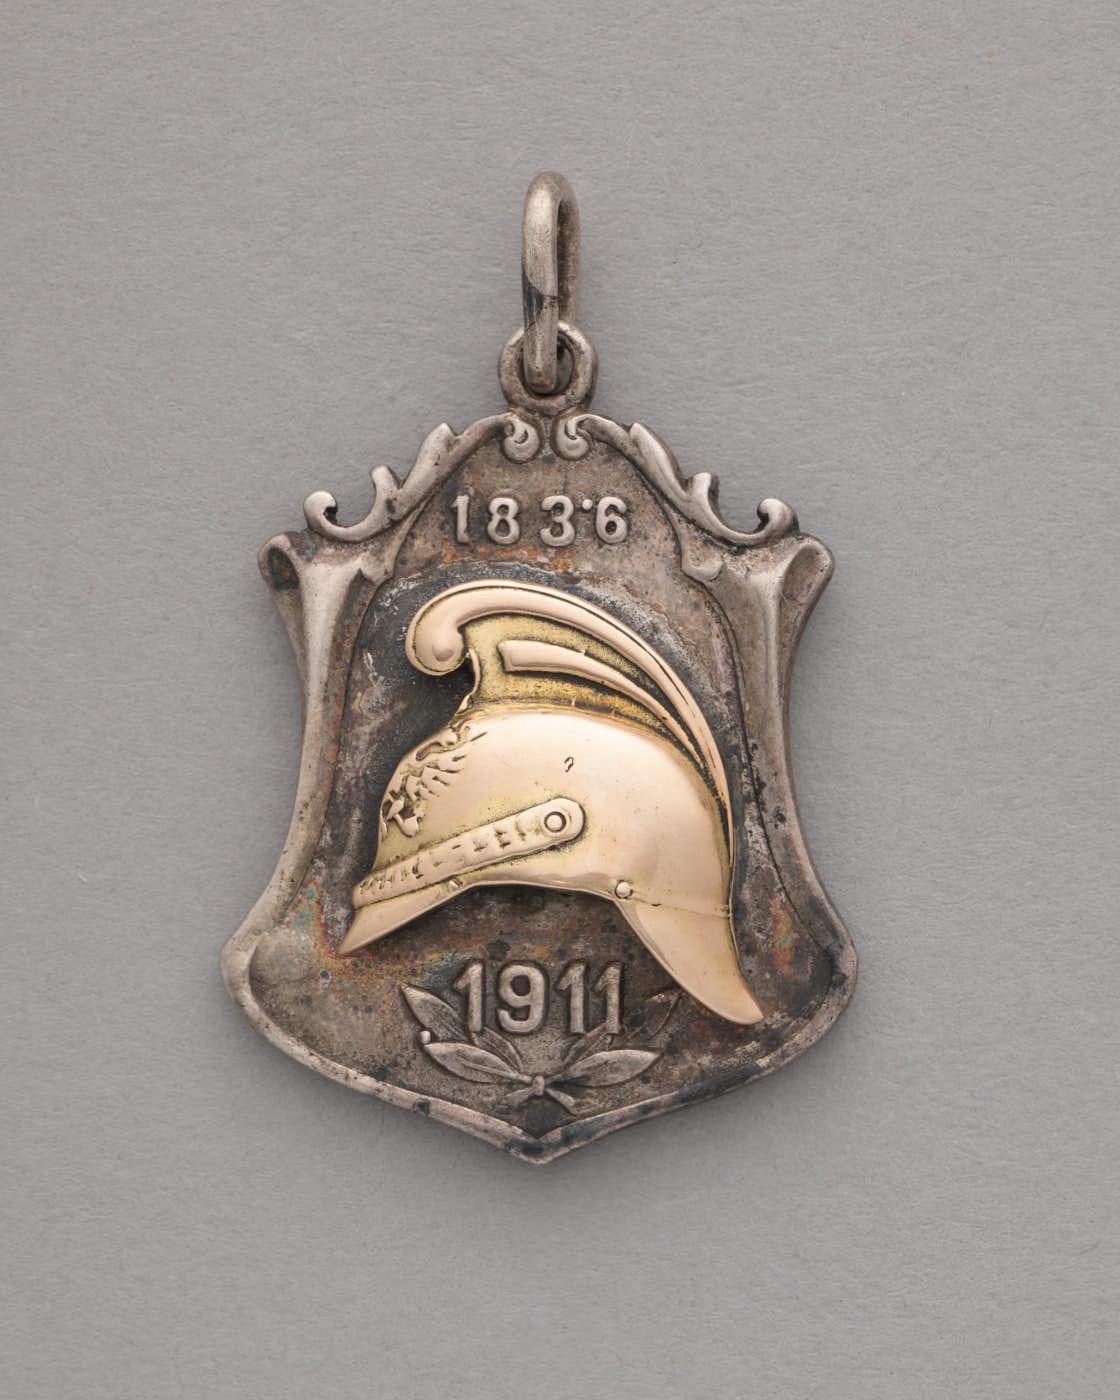 Srebrna odznaka wkształcie trapezu. Dolna krawędź uformowana wzaokrąglony szpic. Górna, wpodobnym kształcie, dodatkowo fantazyjnie pofalowana. Naśrodku pozłacany hełm strażacki. Nadnim data roczna 1836, podnim 1911. Ugóry uszko dozawieszenia.